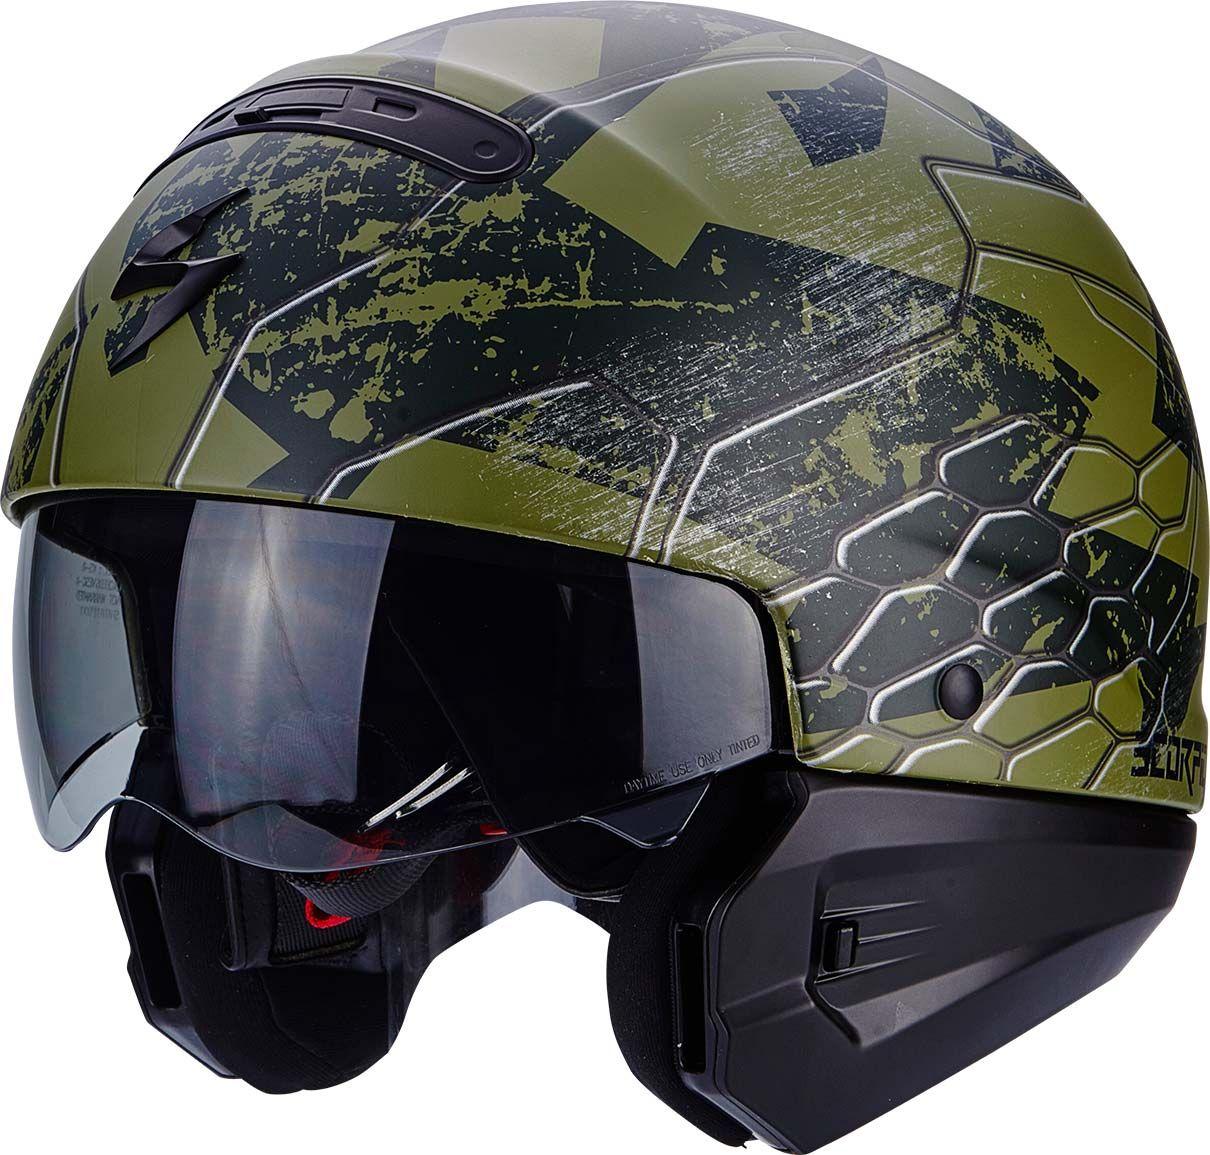 Scorpion Covert Ratnik Helmet Versatile 3-in-1 Road helmet Bell rogue shark raw